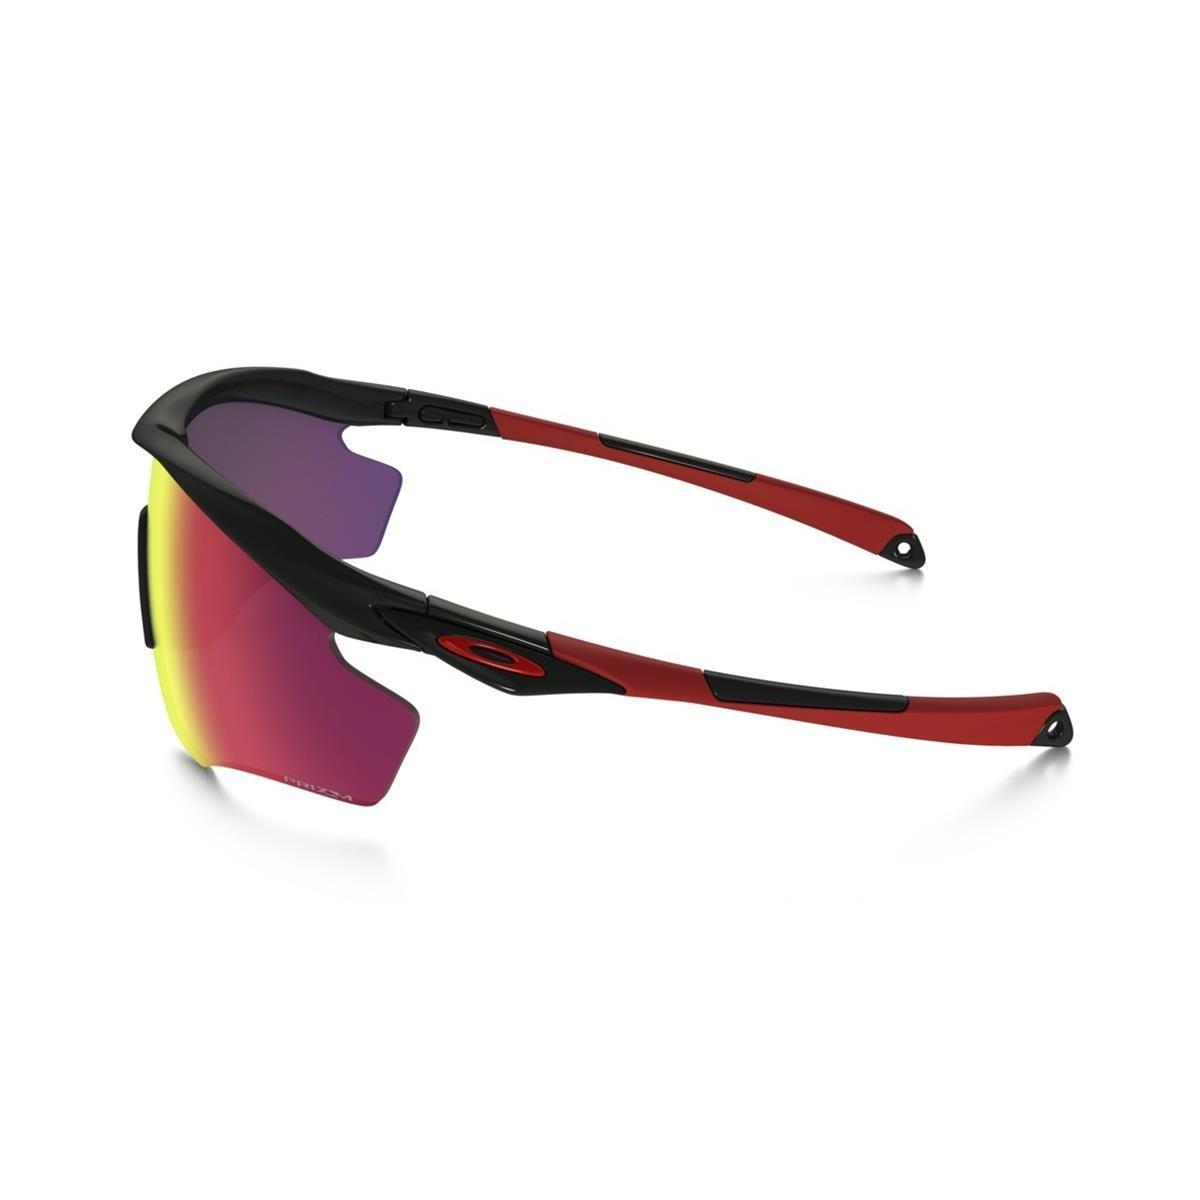 aba0818886 Óculos Oakley M2 Frame Xl Prizm Road - R$ 515,45 em Mercado Livre